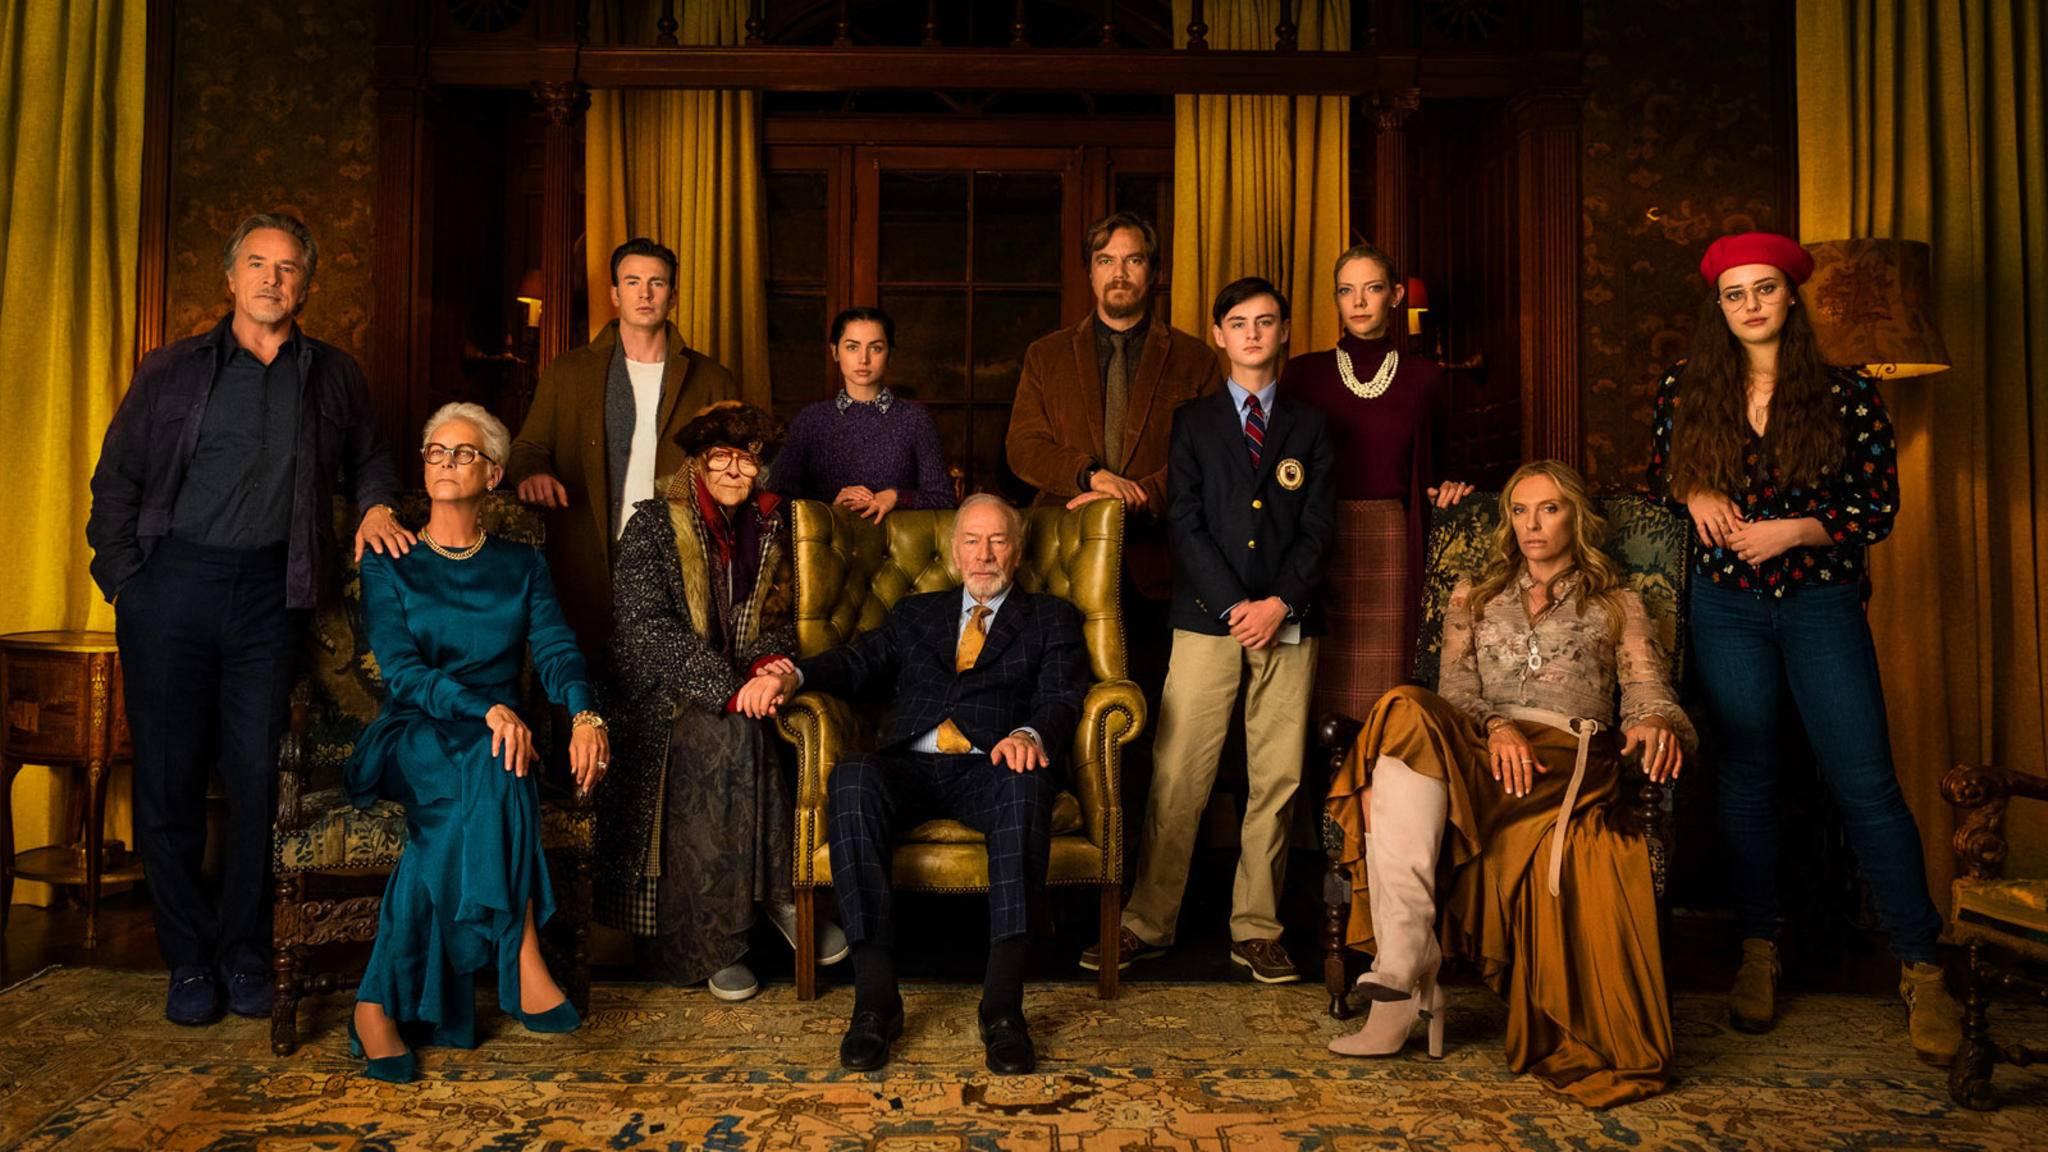 Die Thrombeys, eine schrecklich nette Familie? Eher nicht!